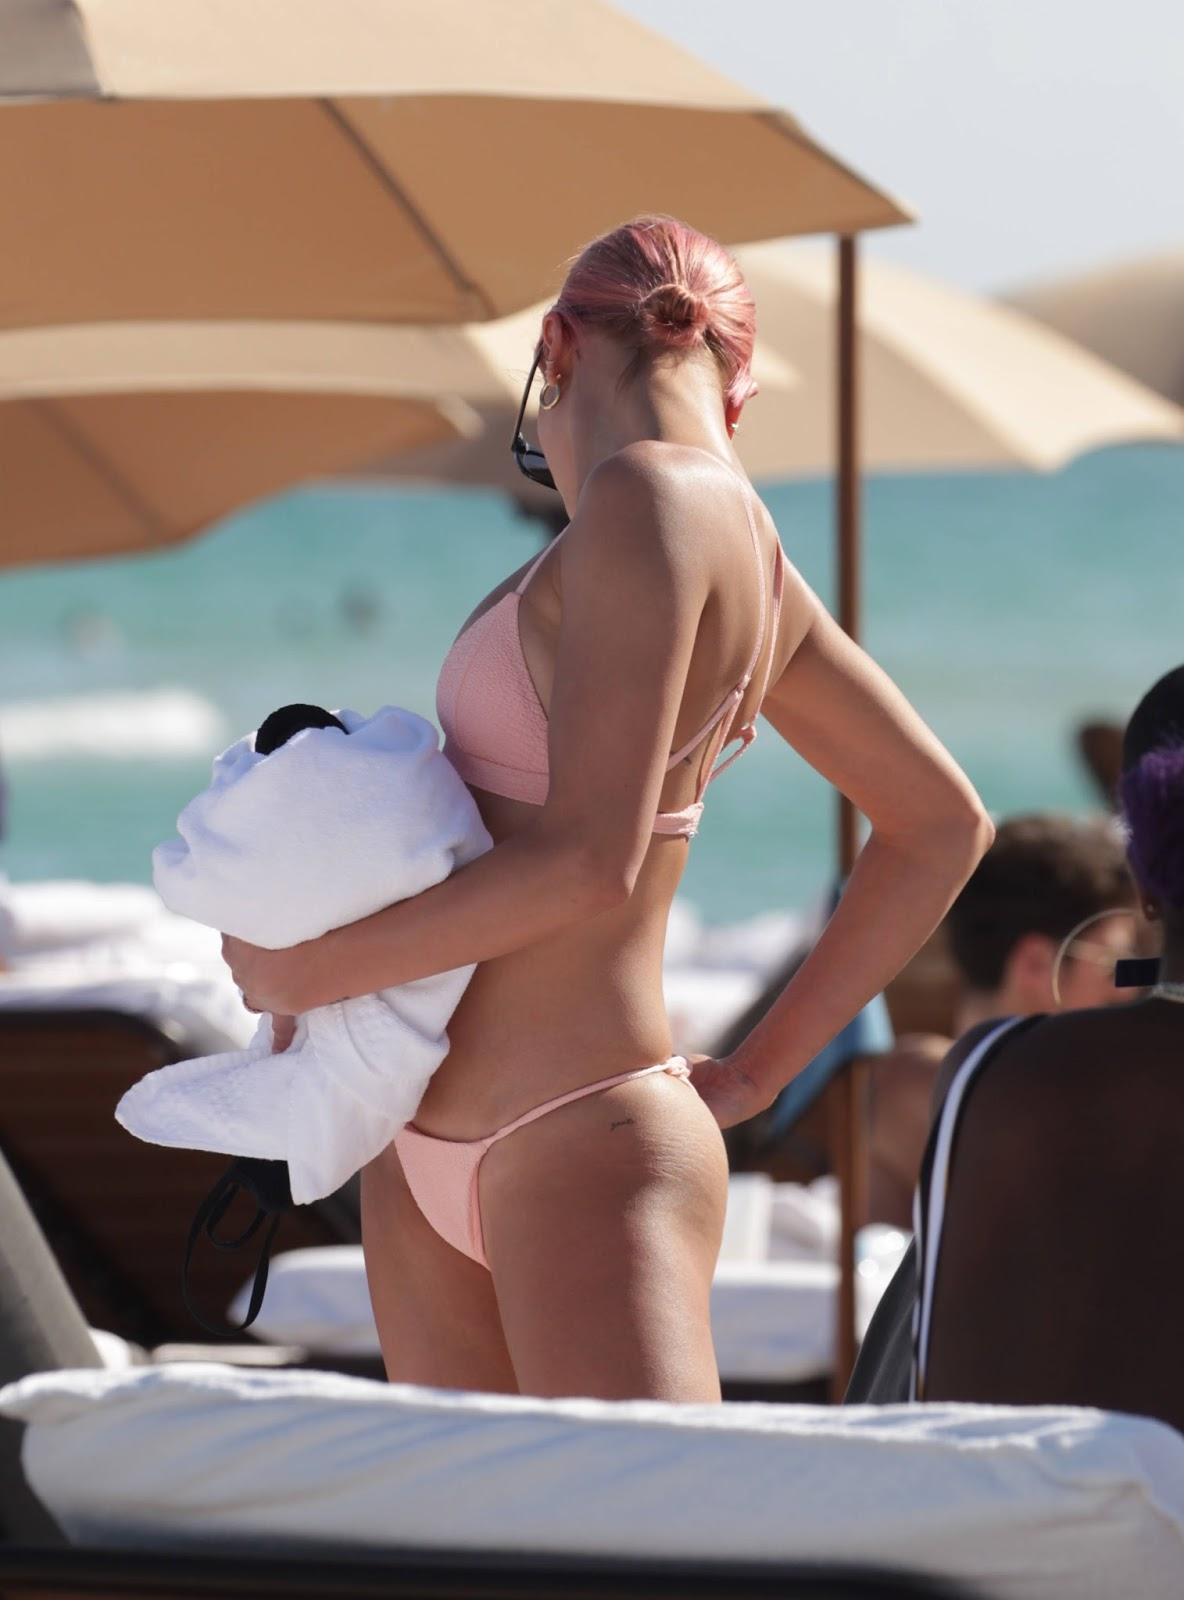 Hailey Baldwin Hot Body in Bikini